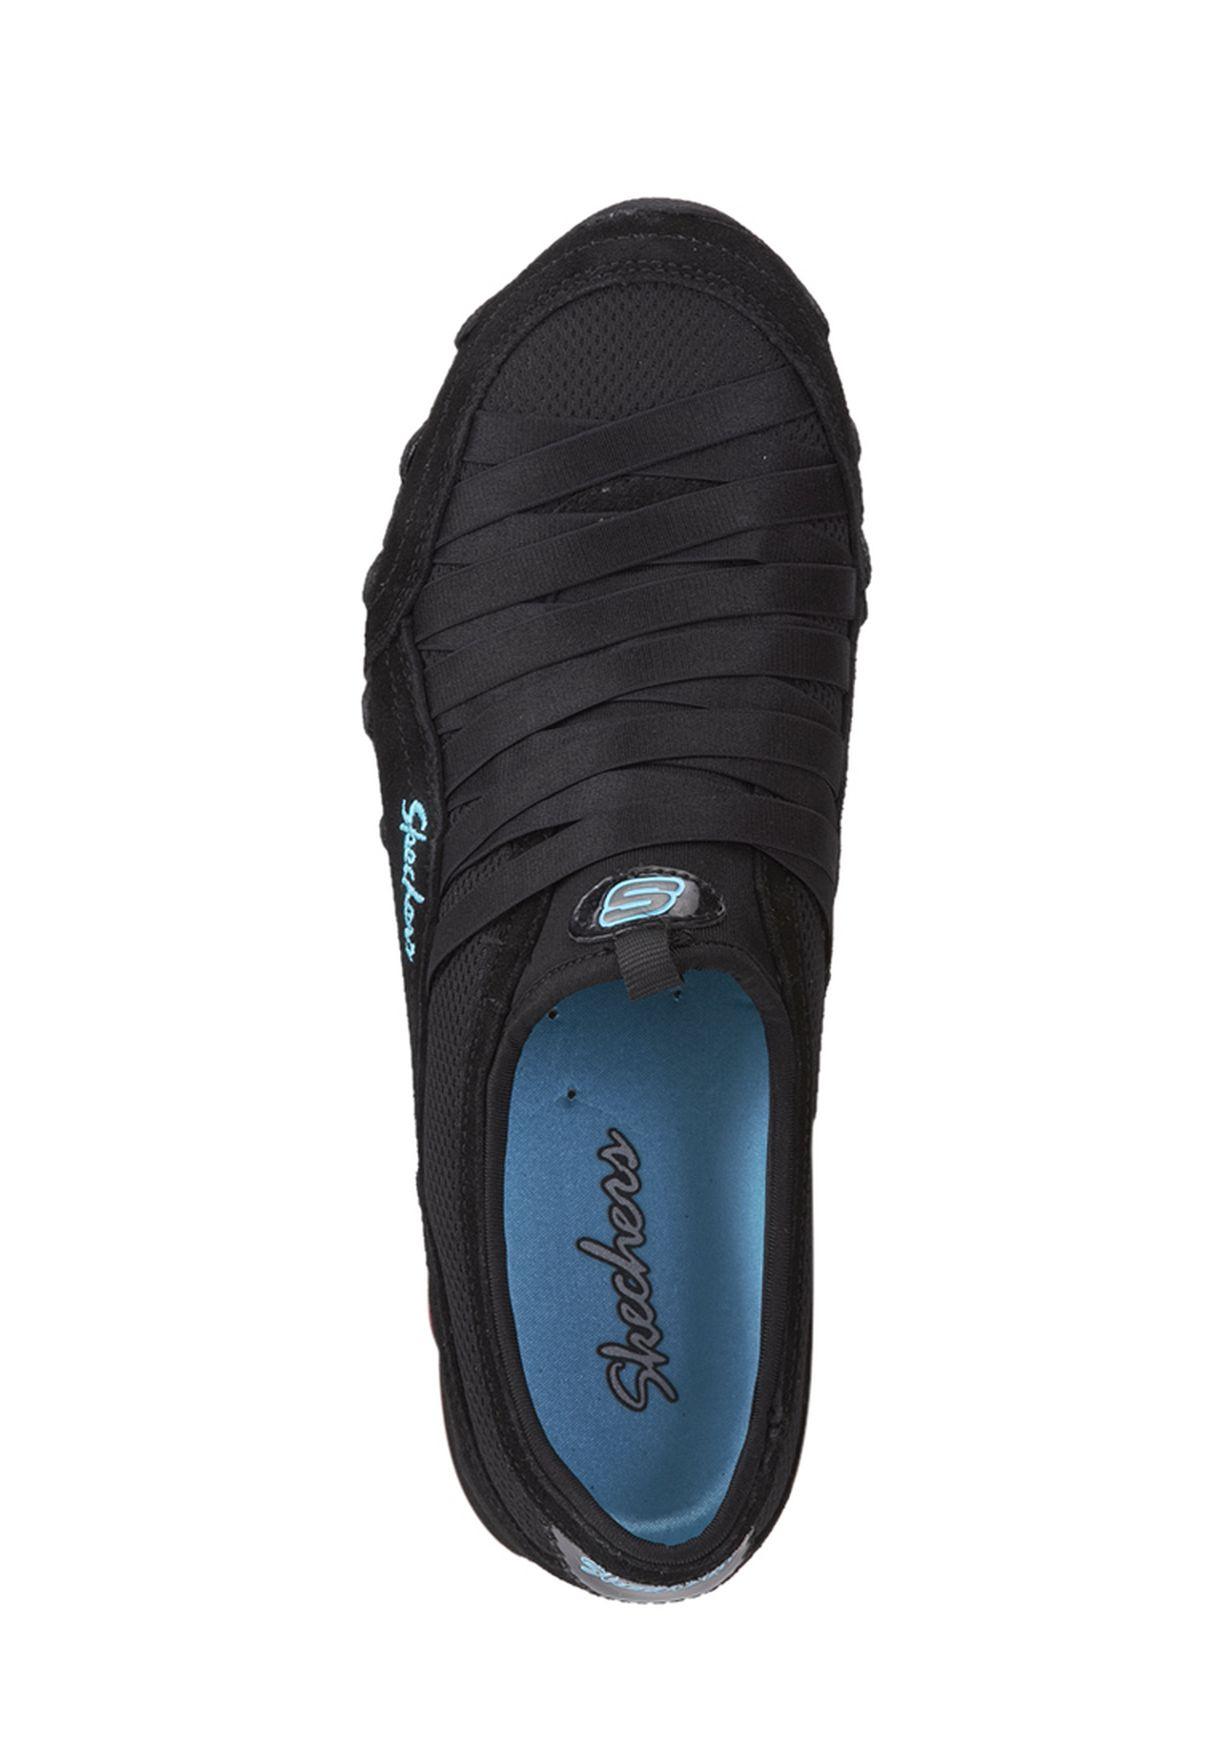 Sketchers Chaussures Des Femmes Motards Chaussures De Sport De Fixation mc0TPT